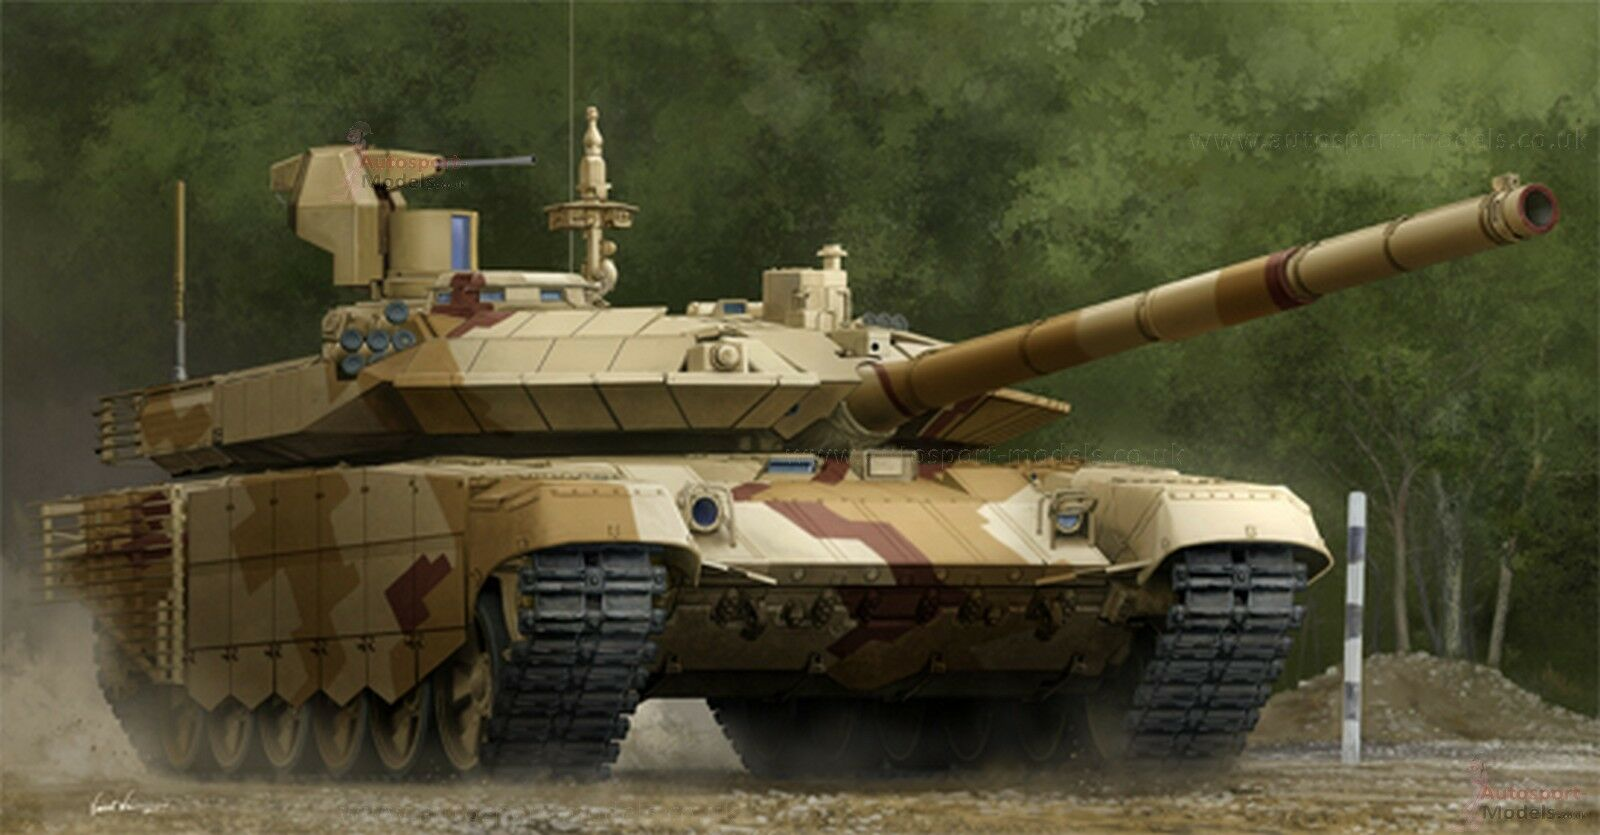 1 35 Russian T-90S MODERNIZED (Mod 2013) model kit by Trumpeter  09524